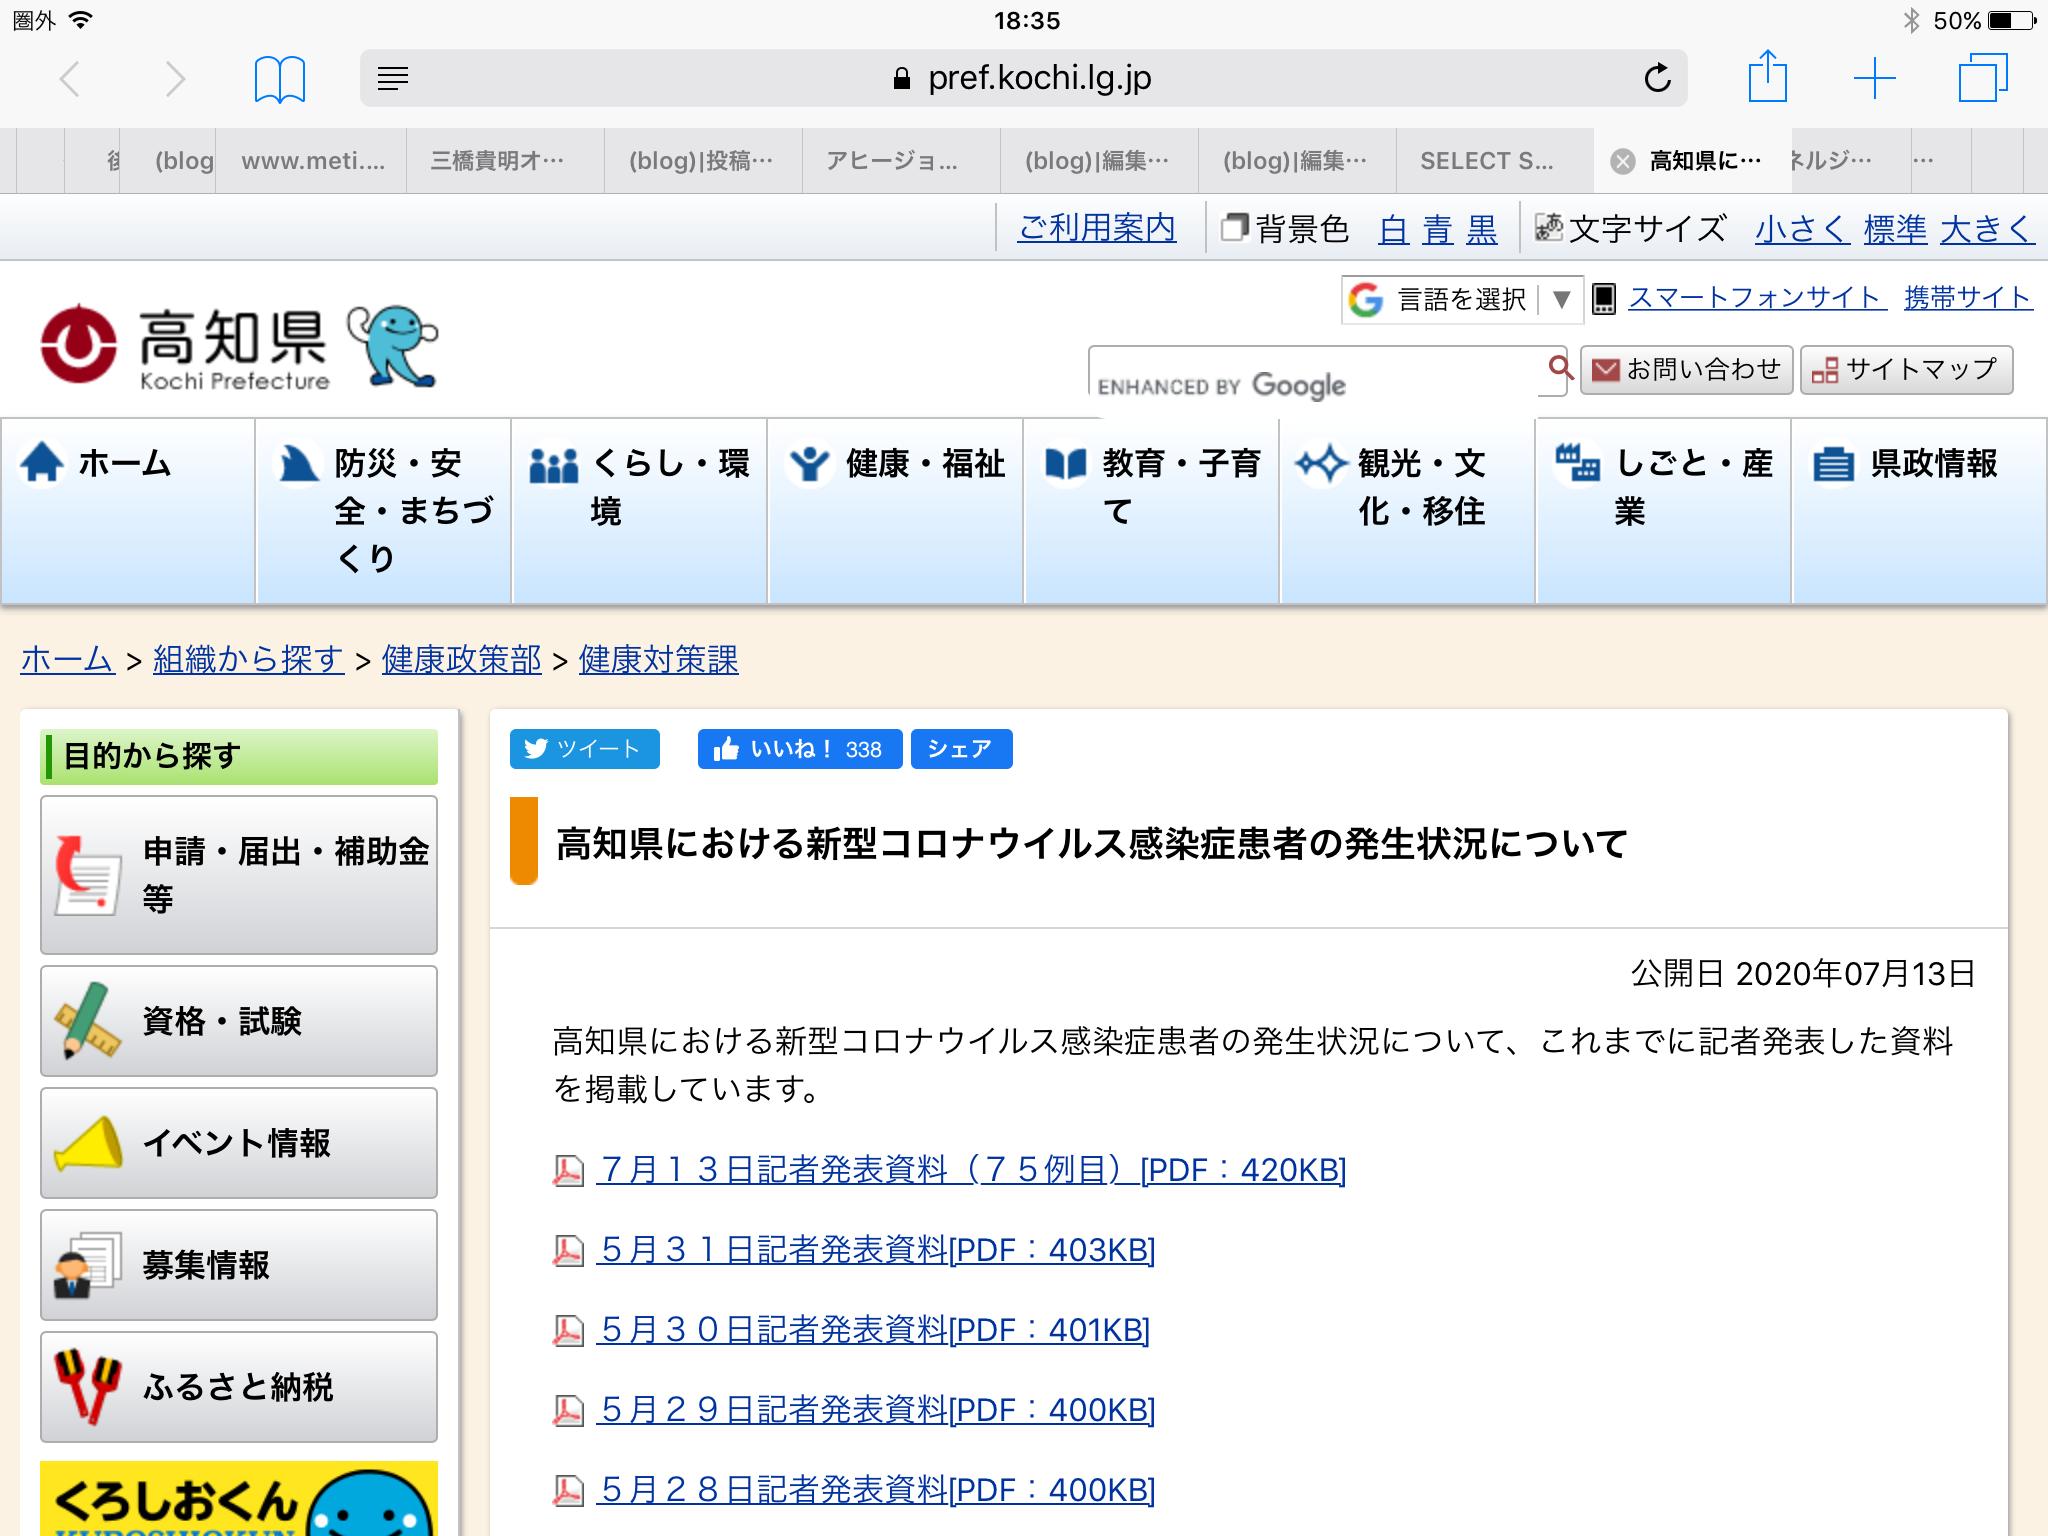 高知県におけるCOVID-19 新型ウィルス発生状況_f0039487_18362615.png